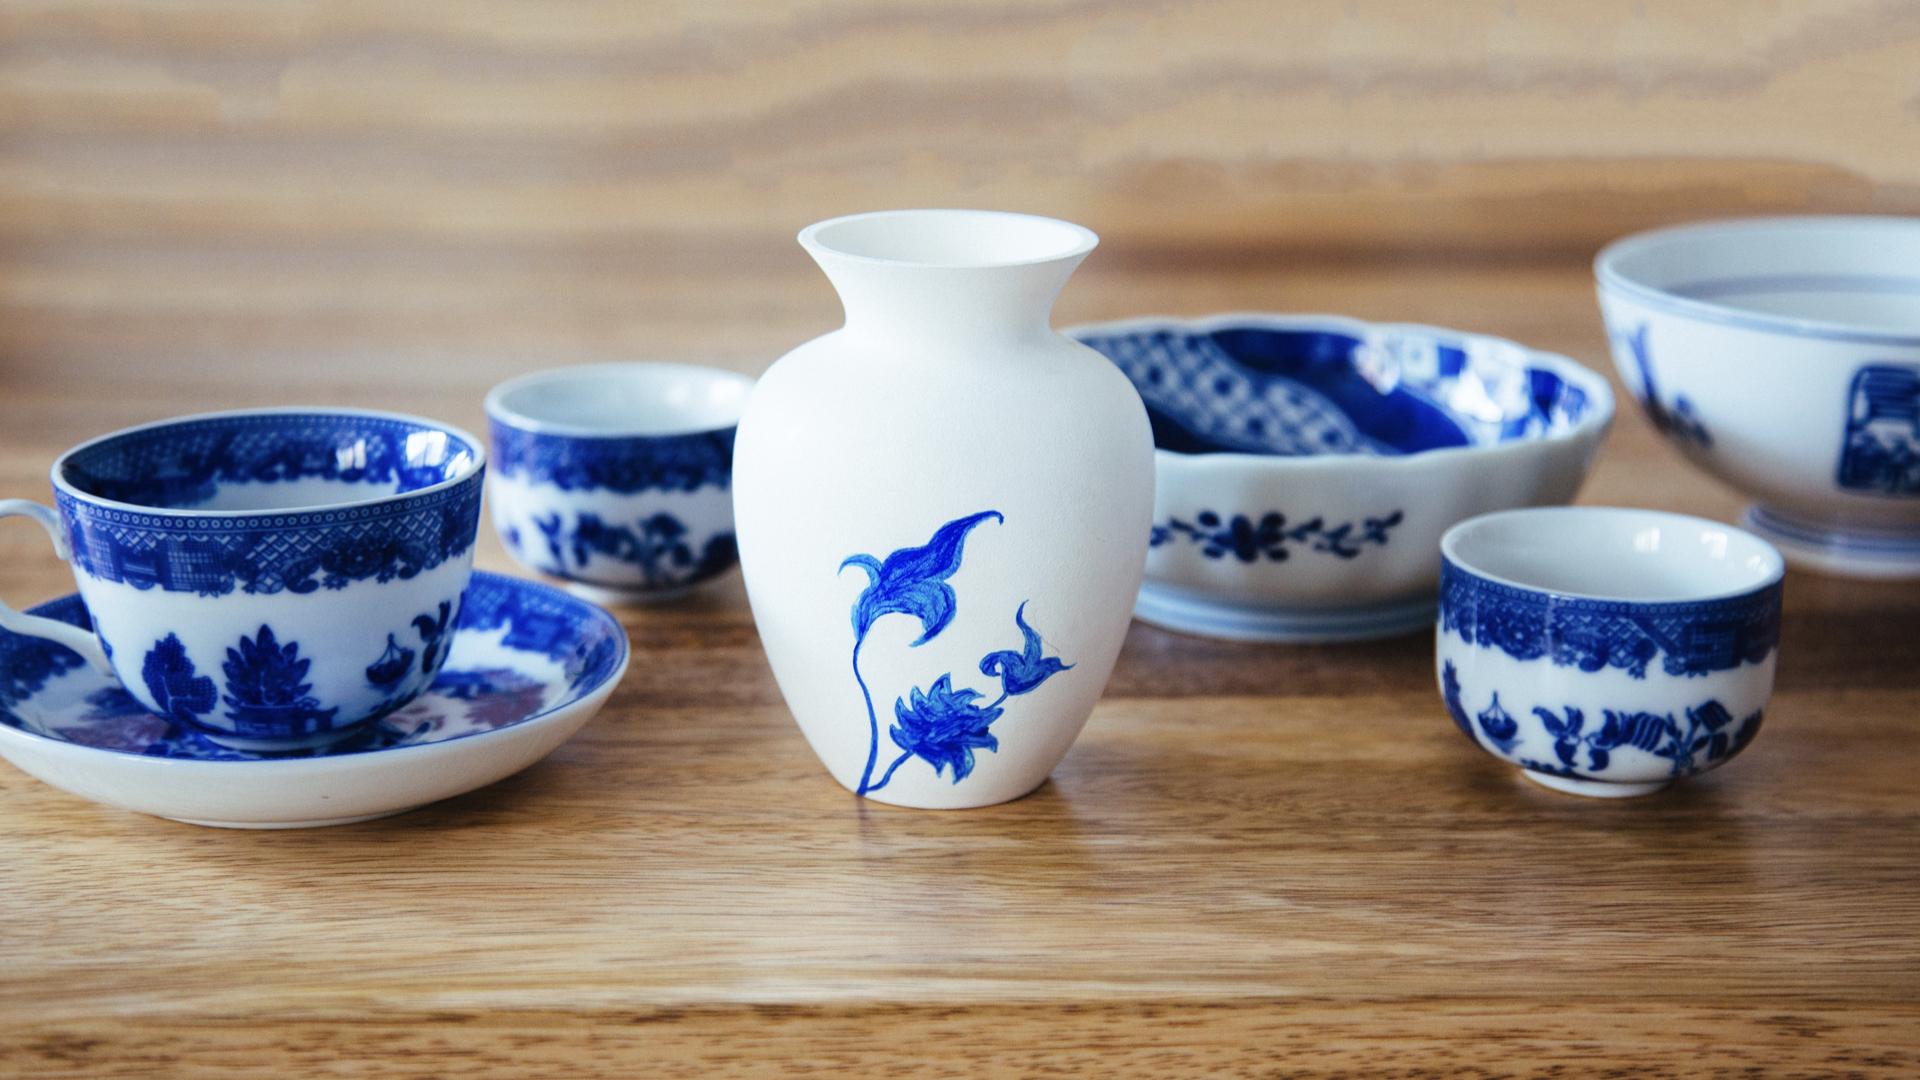 012_affie-with-porcelain.jpeg